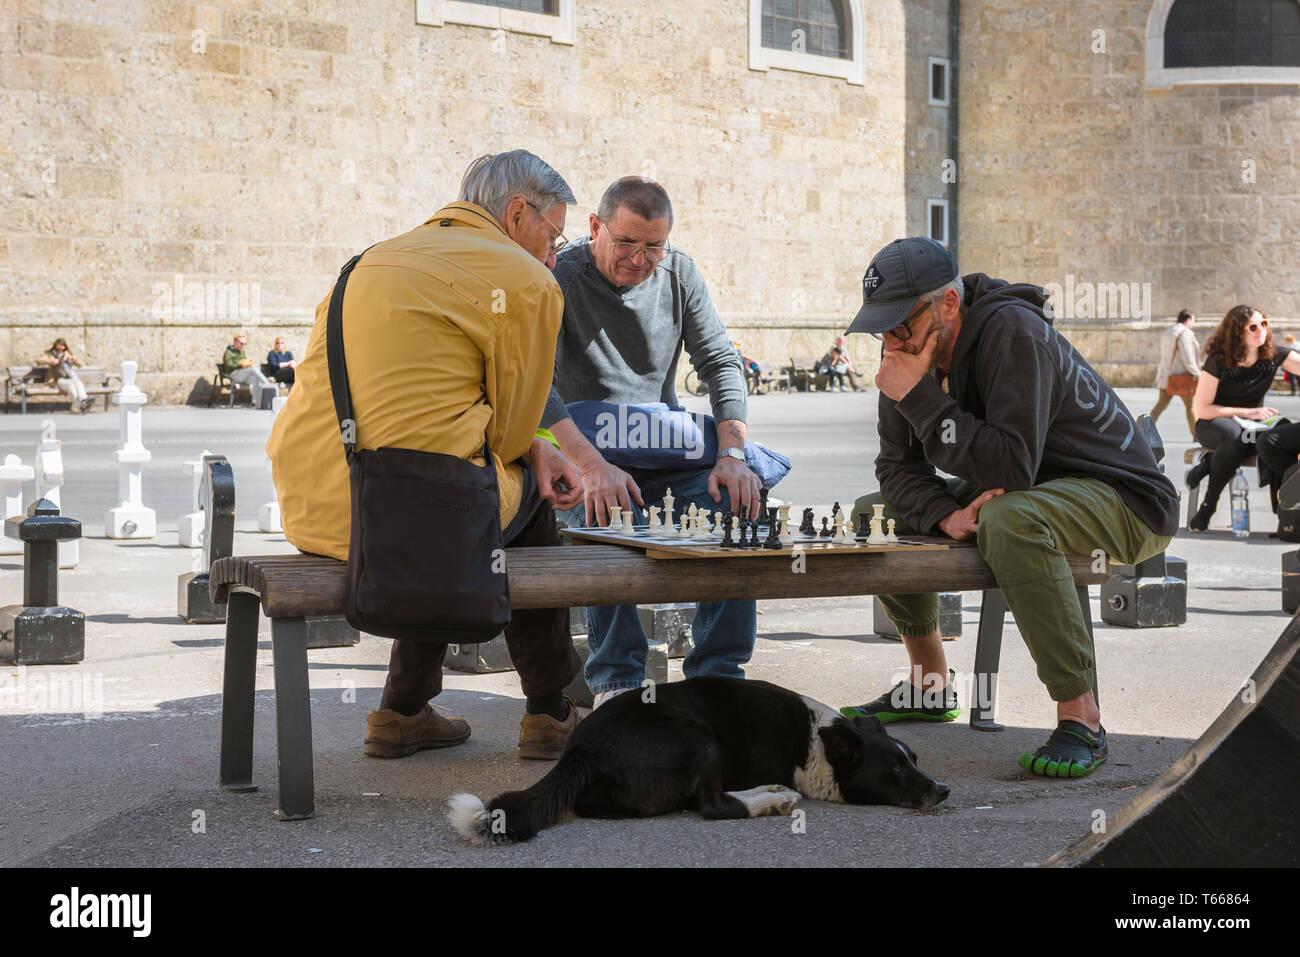 Jeu d'échecs, vue des hommes d'âge moyen jouant à un jeu d'échecs dans la Kapitelplatz de Salzbourg, Autriche. Banque D'Images